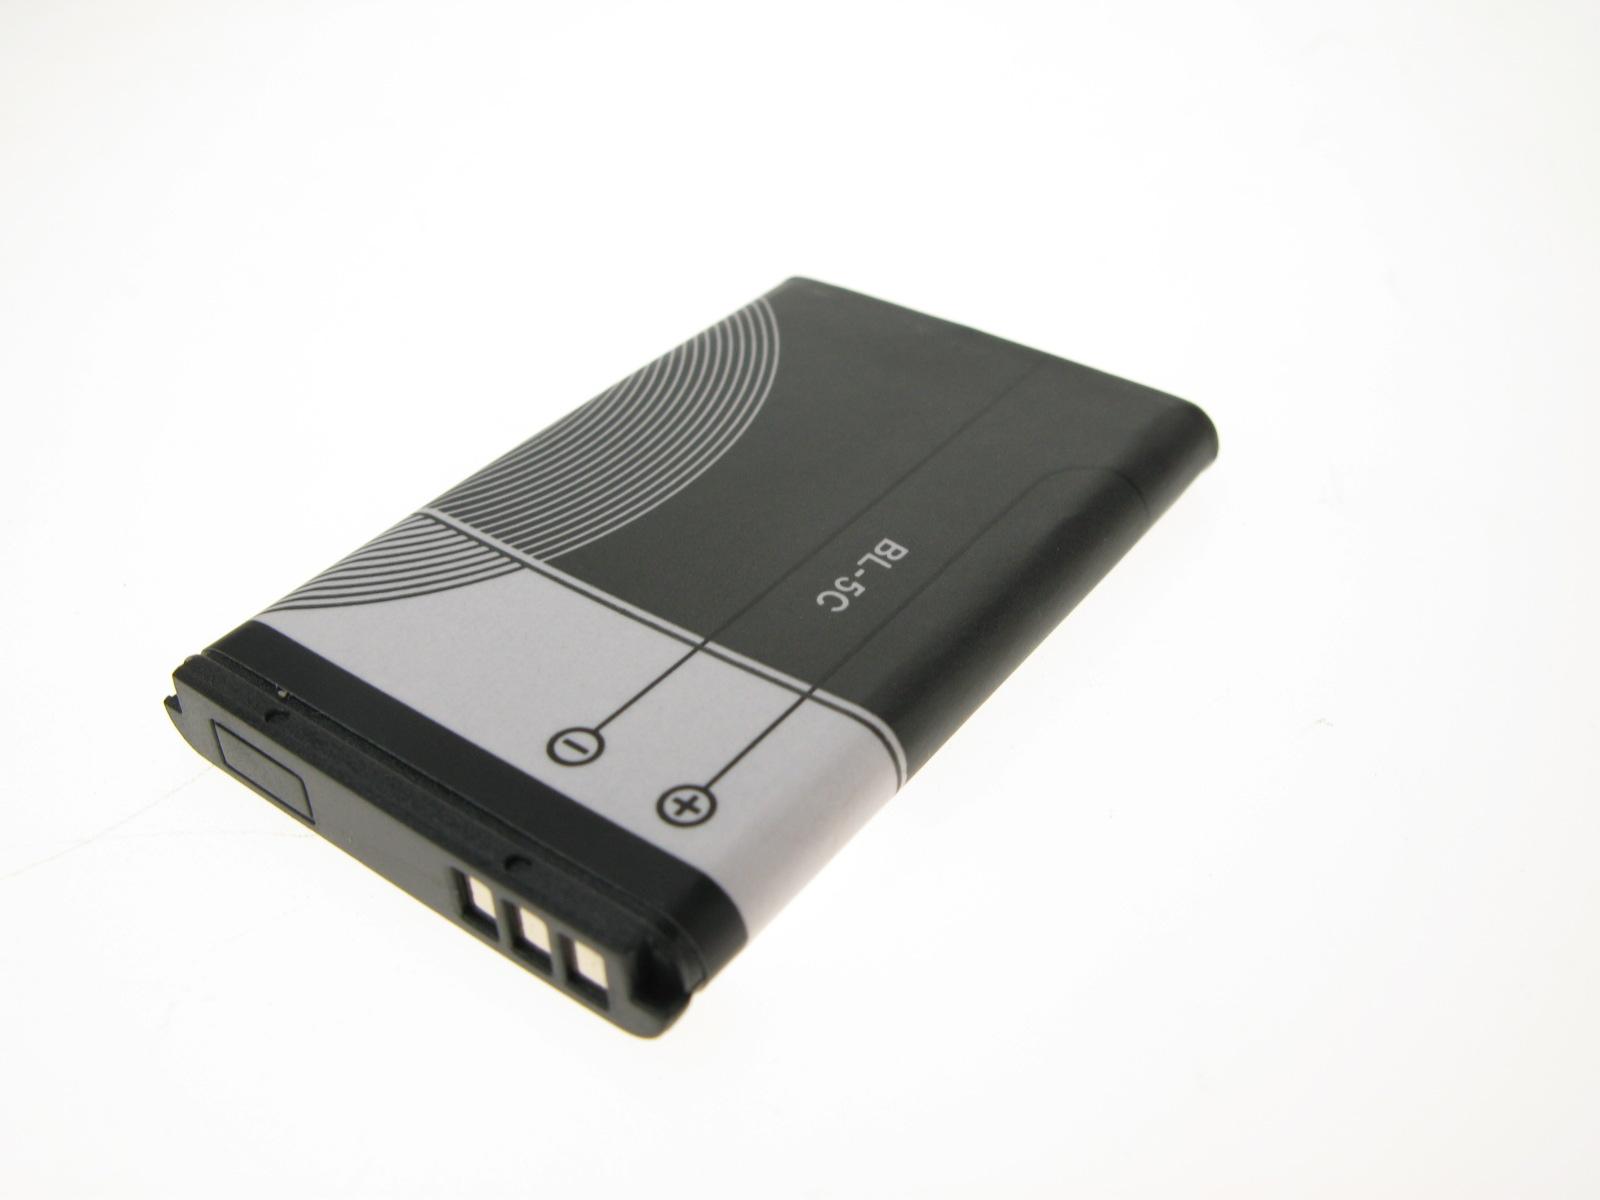 Pure Batteri Gxt12/14